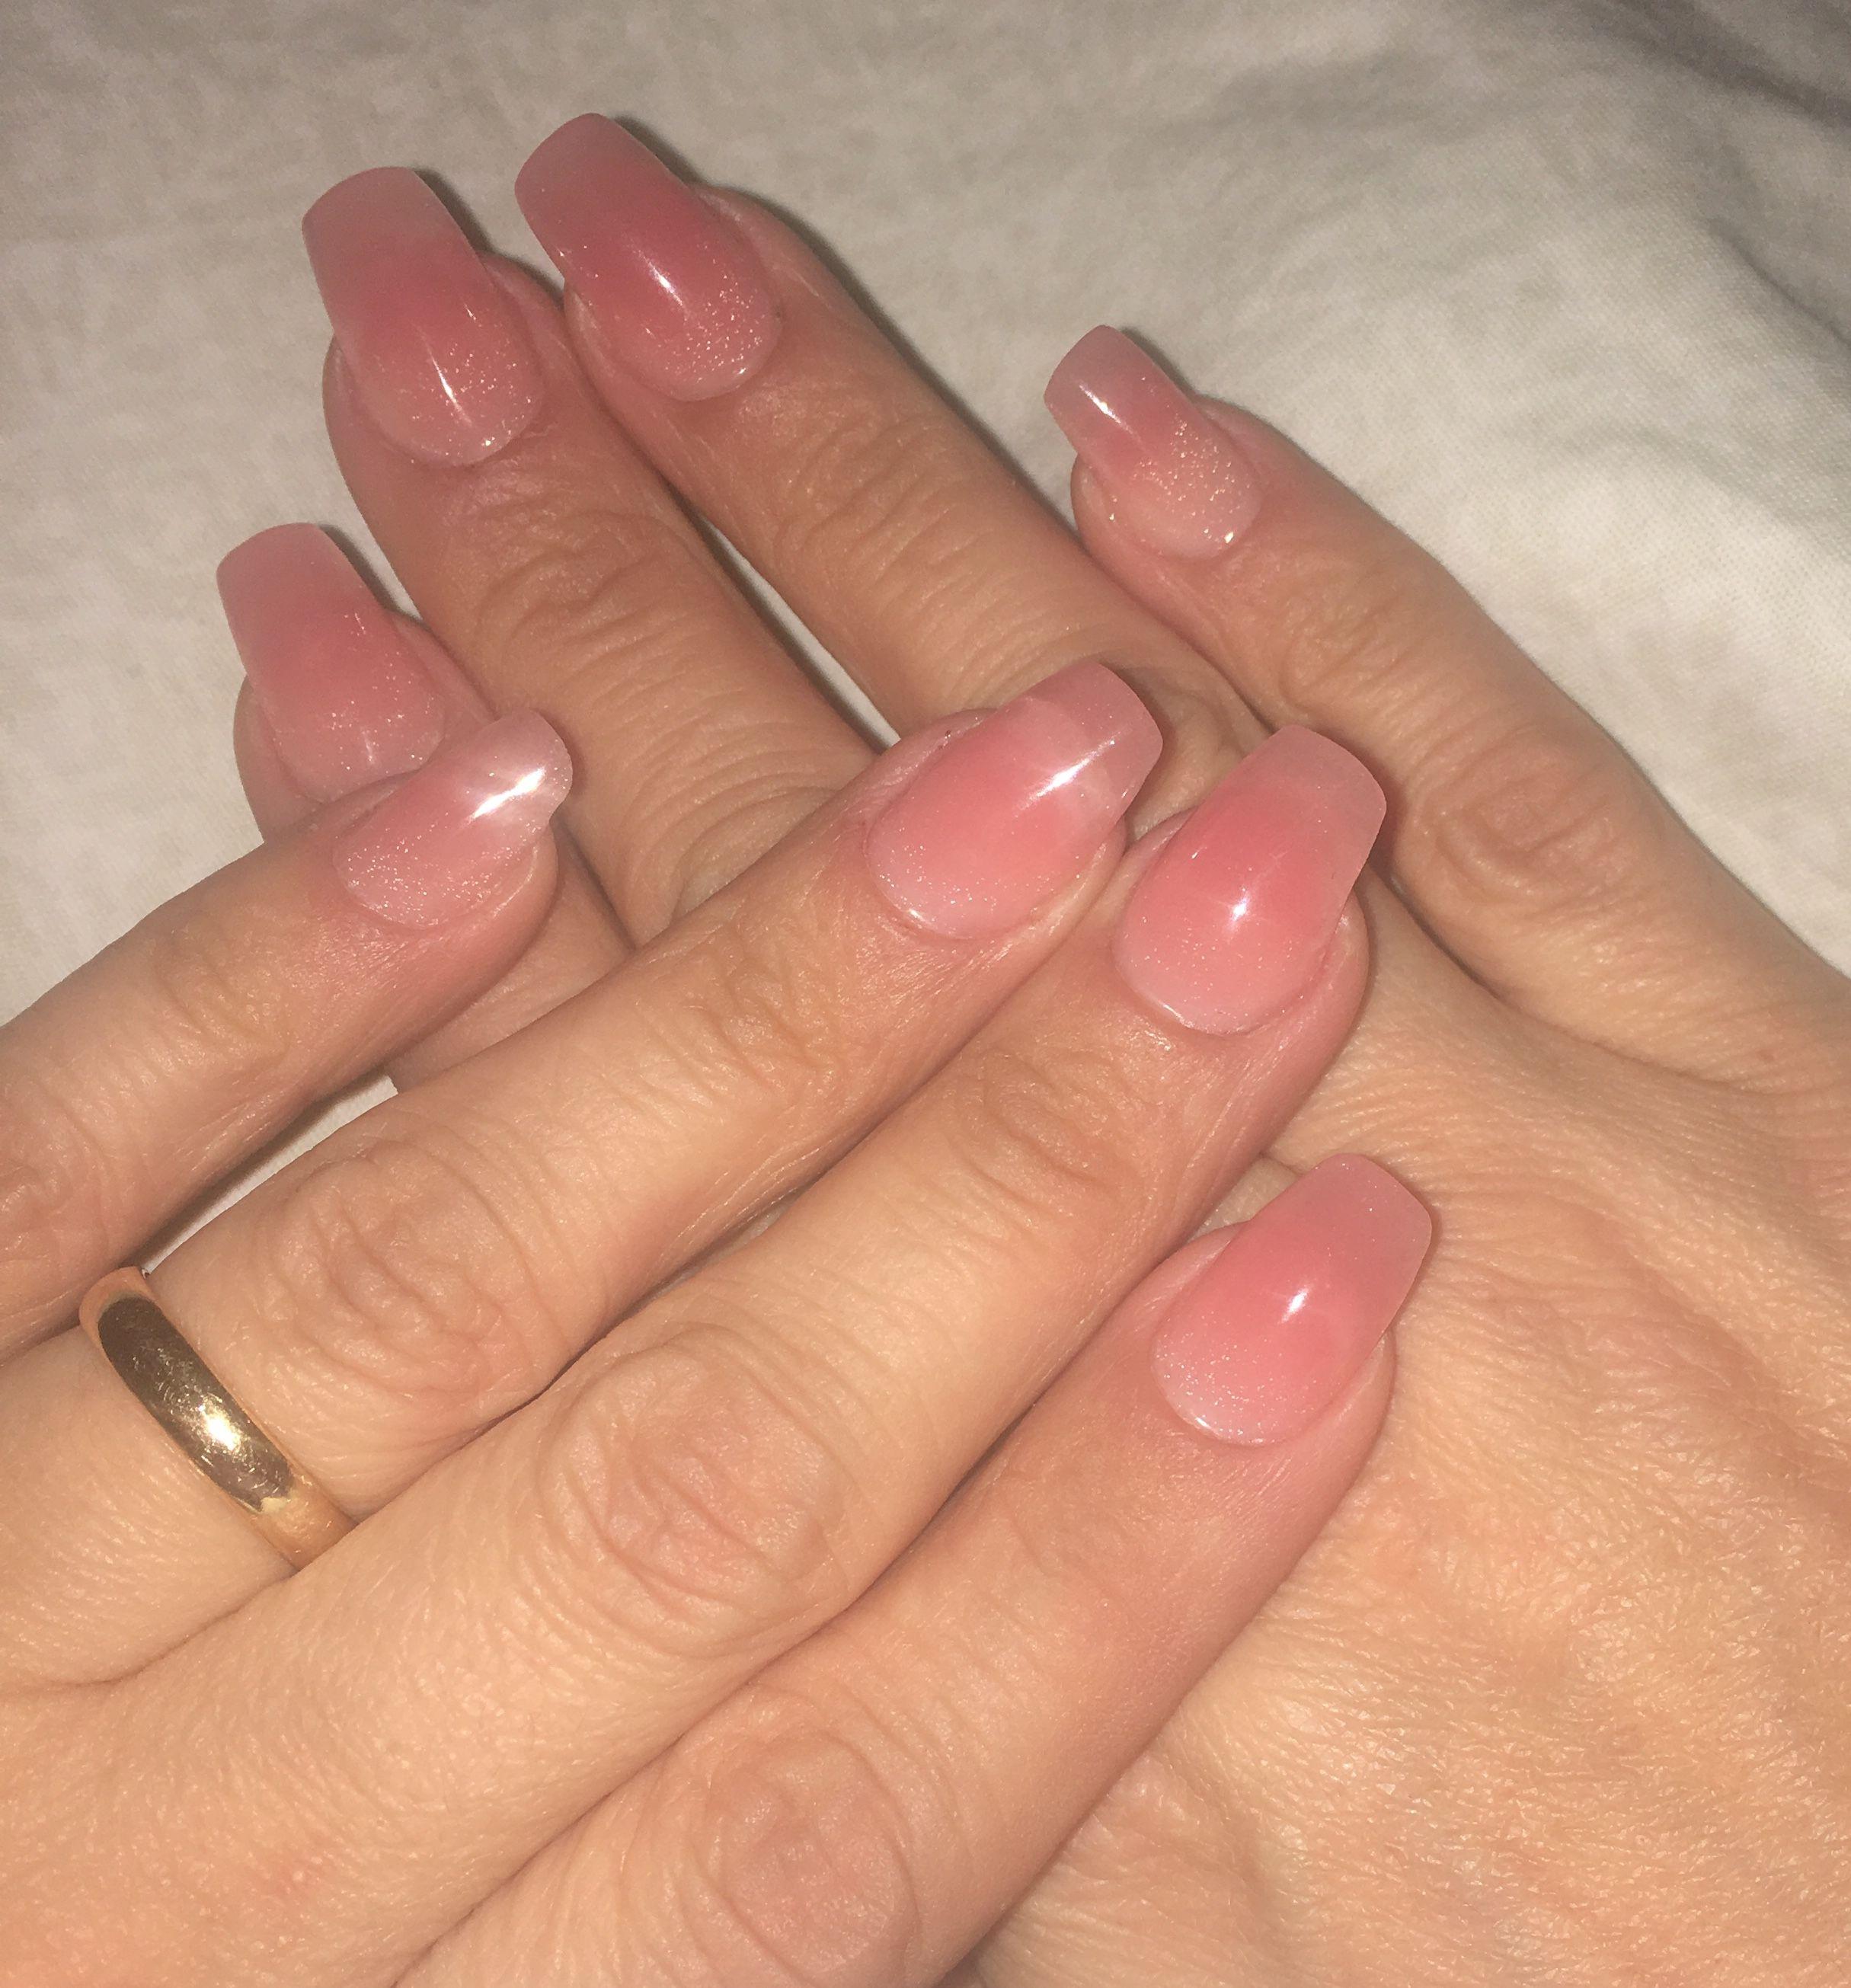 Natural Pink Poly Gel Nails Polygel Nails Gel Nails Nails